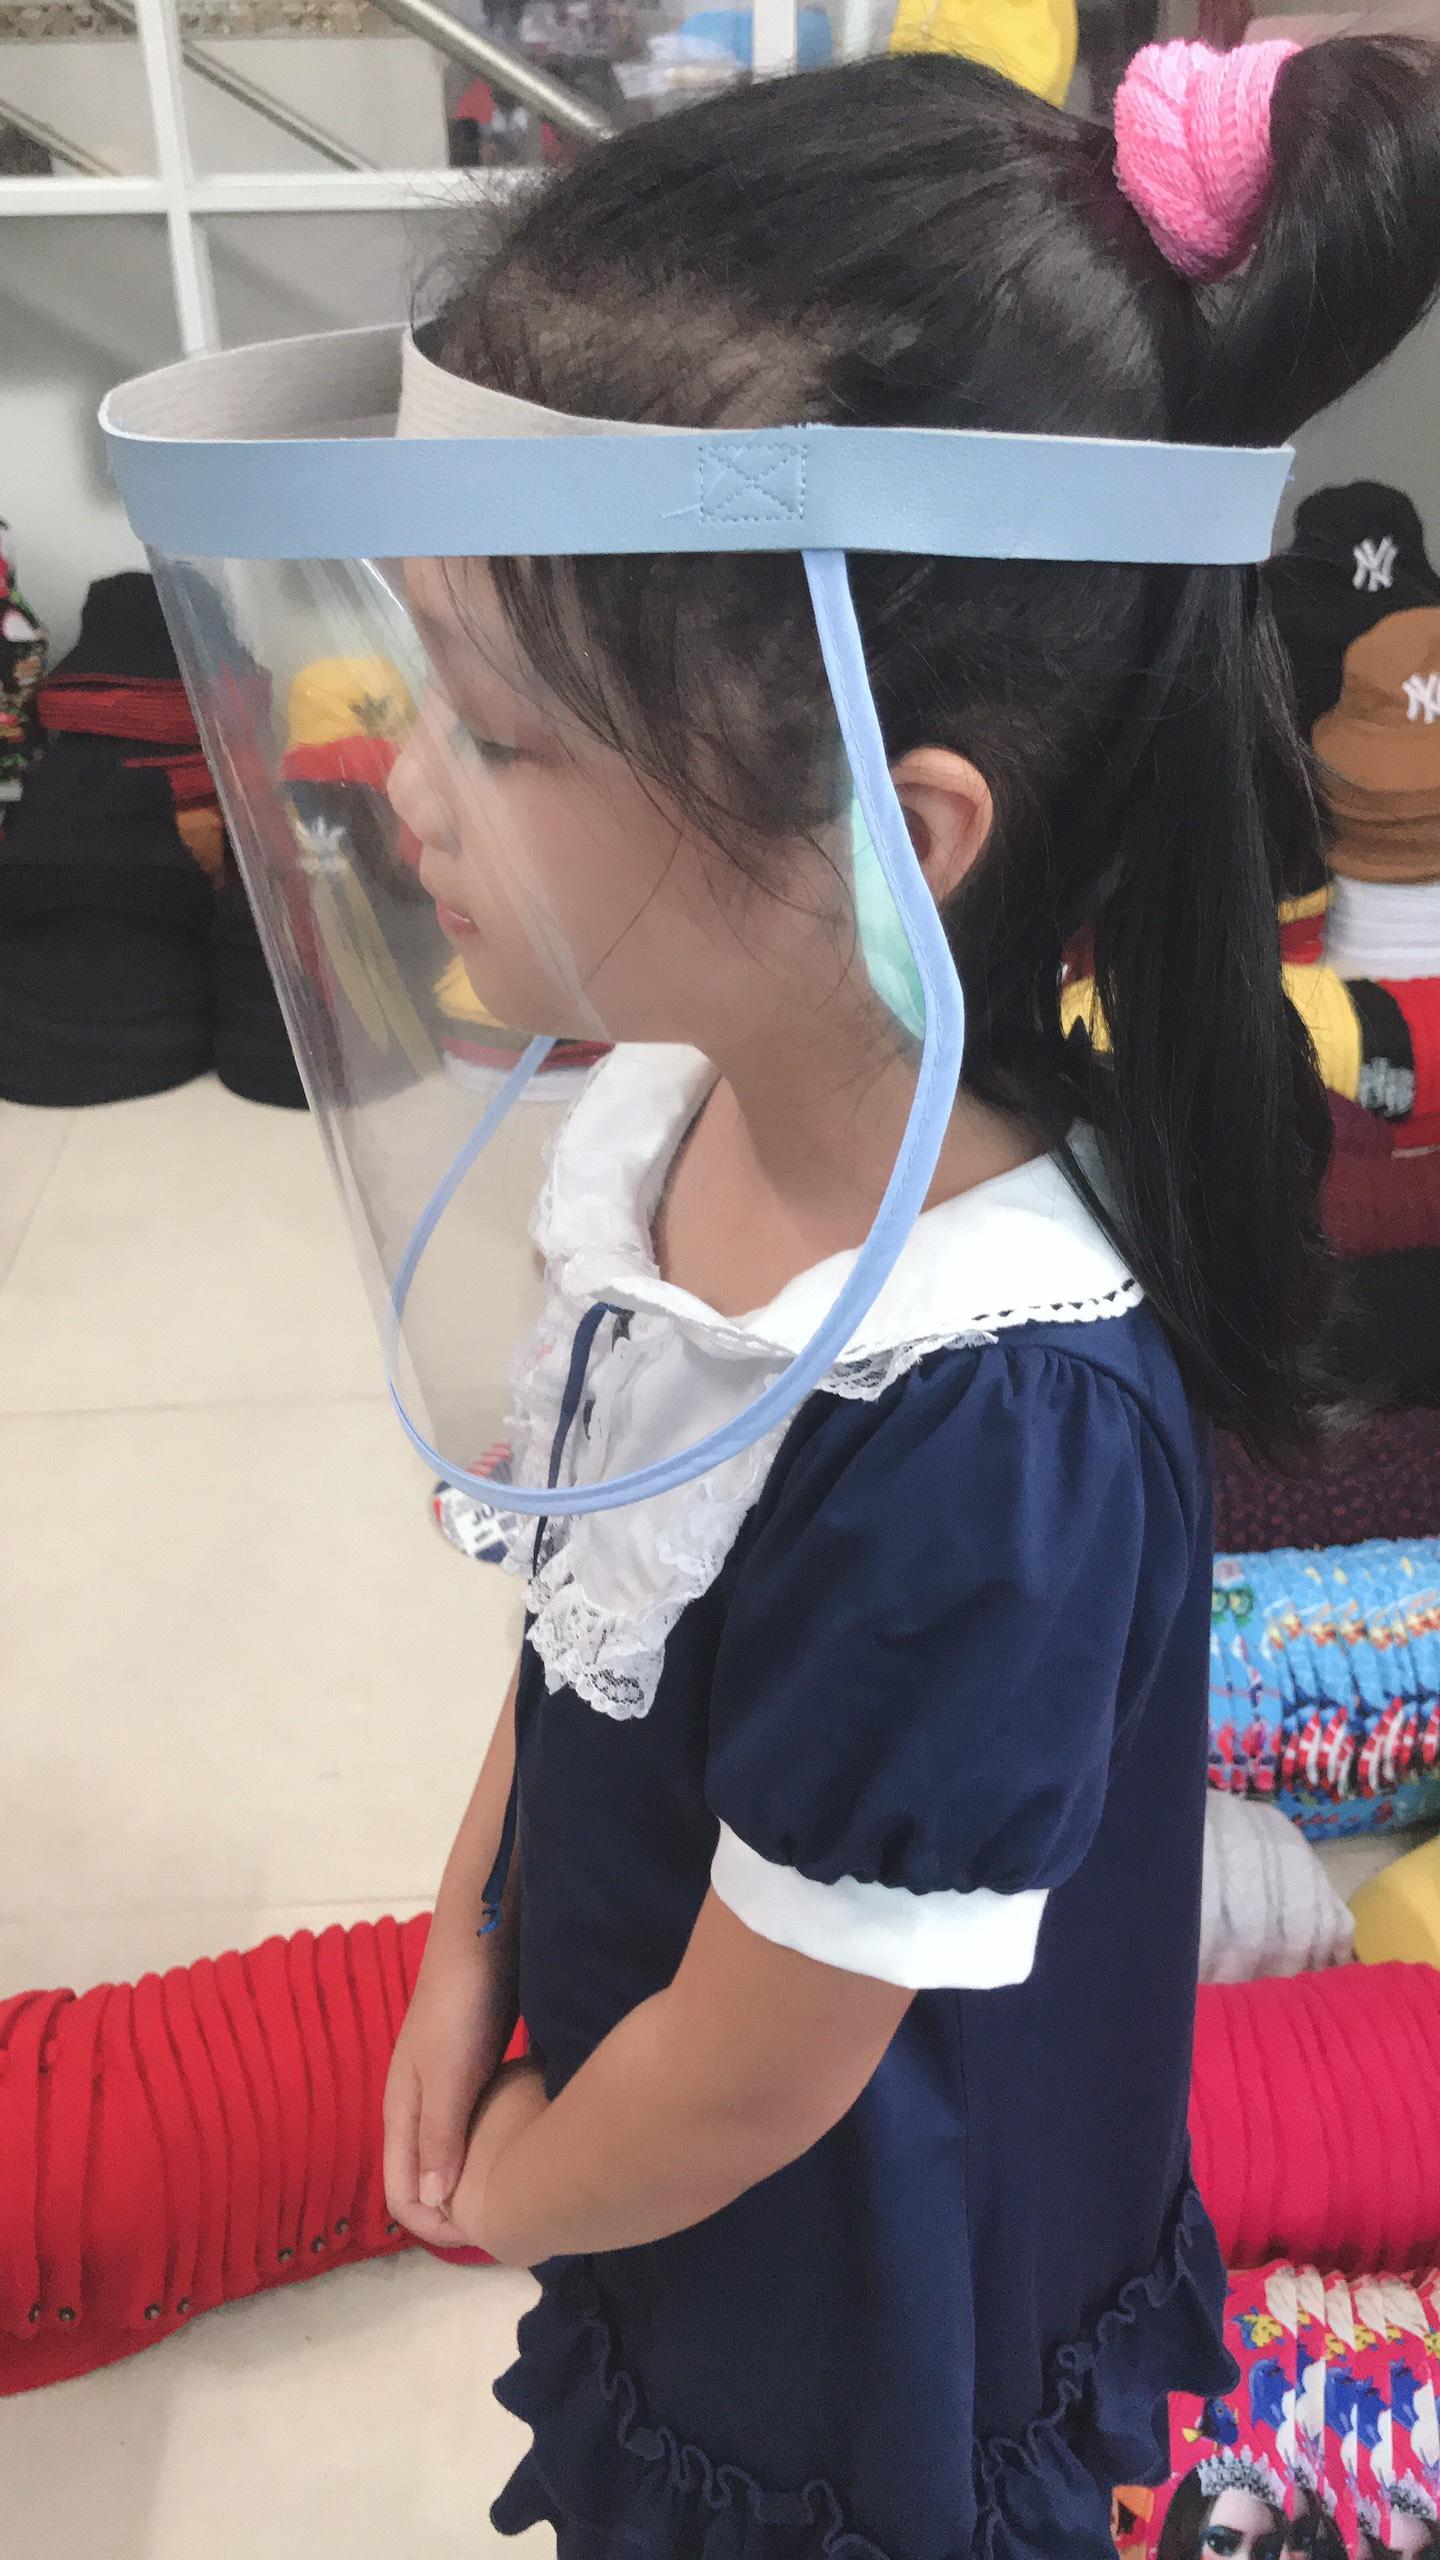 Vành Nhựa Chống Dịch Đơn Giản Dành Cho Người Lớn & Trẻ Em. 8